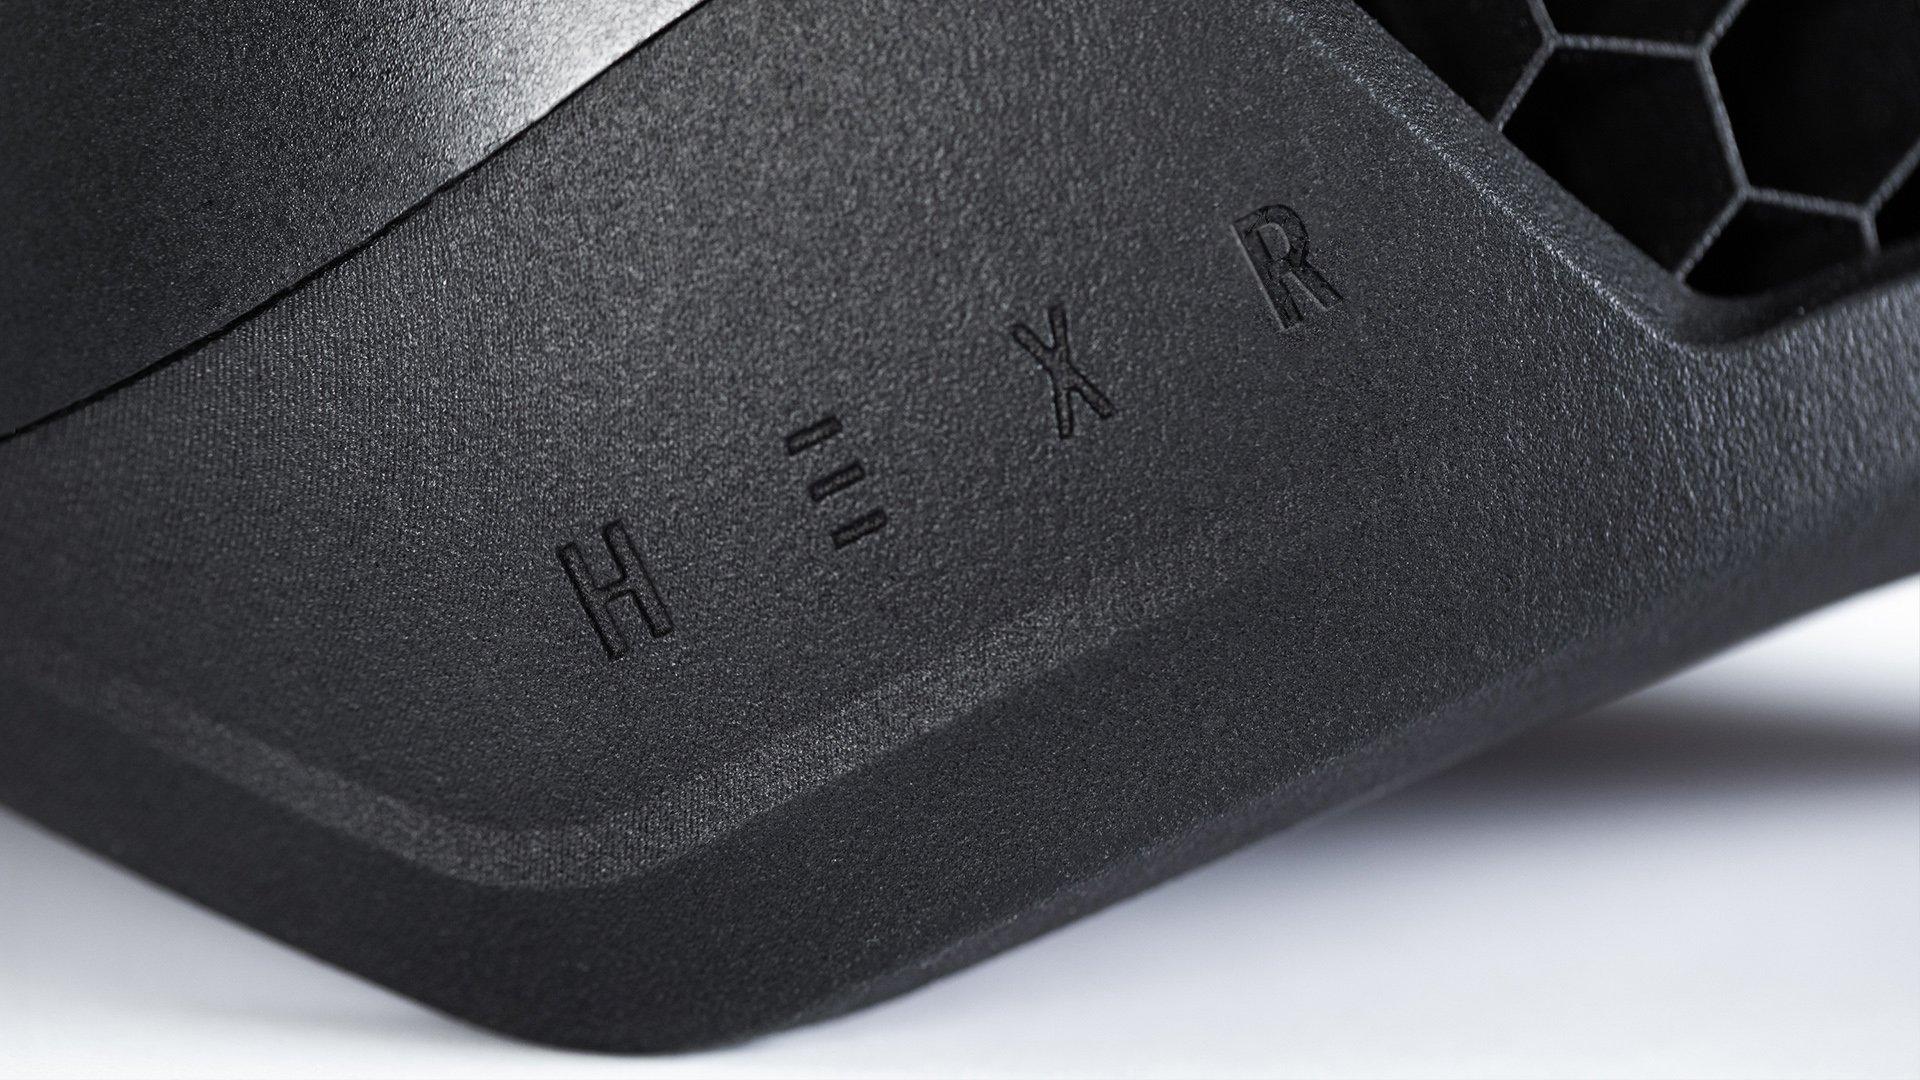 Hexr - helmet - photography - 3D print - design - hex - detail - chamfer - edge - printed - custom - black - material - logo - embossed